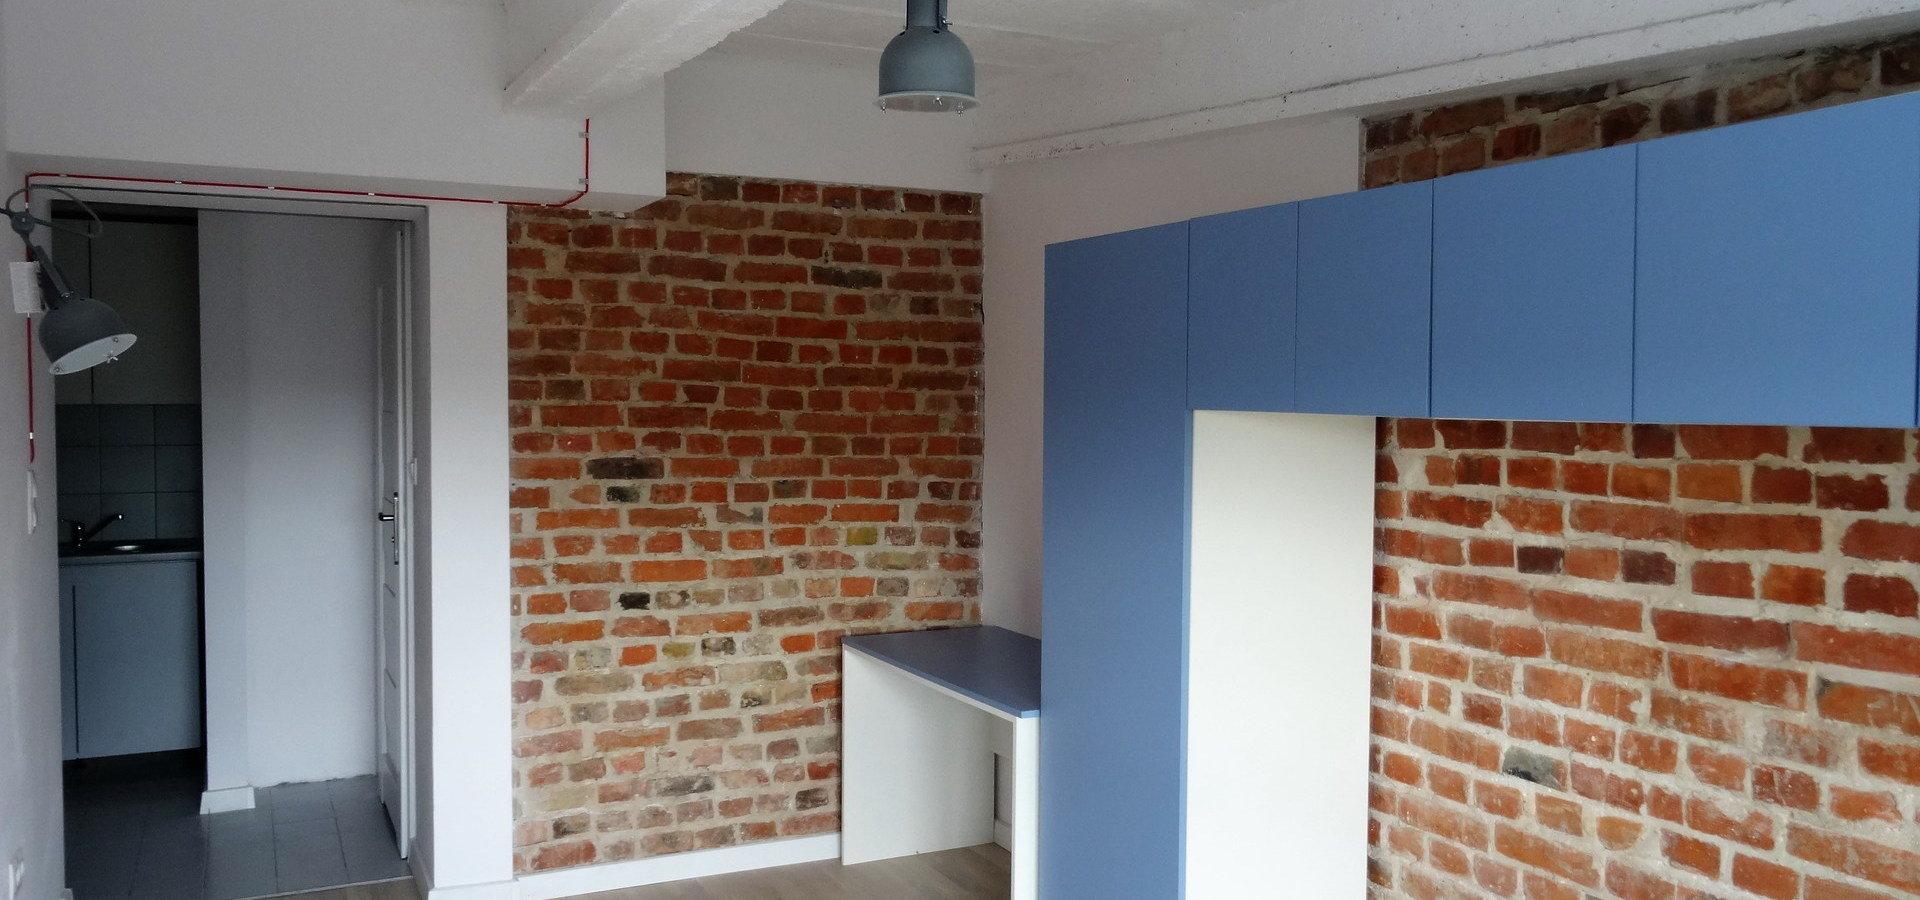 Pierwsi lokatorzy mieszkań wybudowanych przez Habitat for Humanity Poland we współpracy z firmą Wienerberger odebrali już klucze